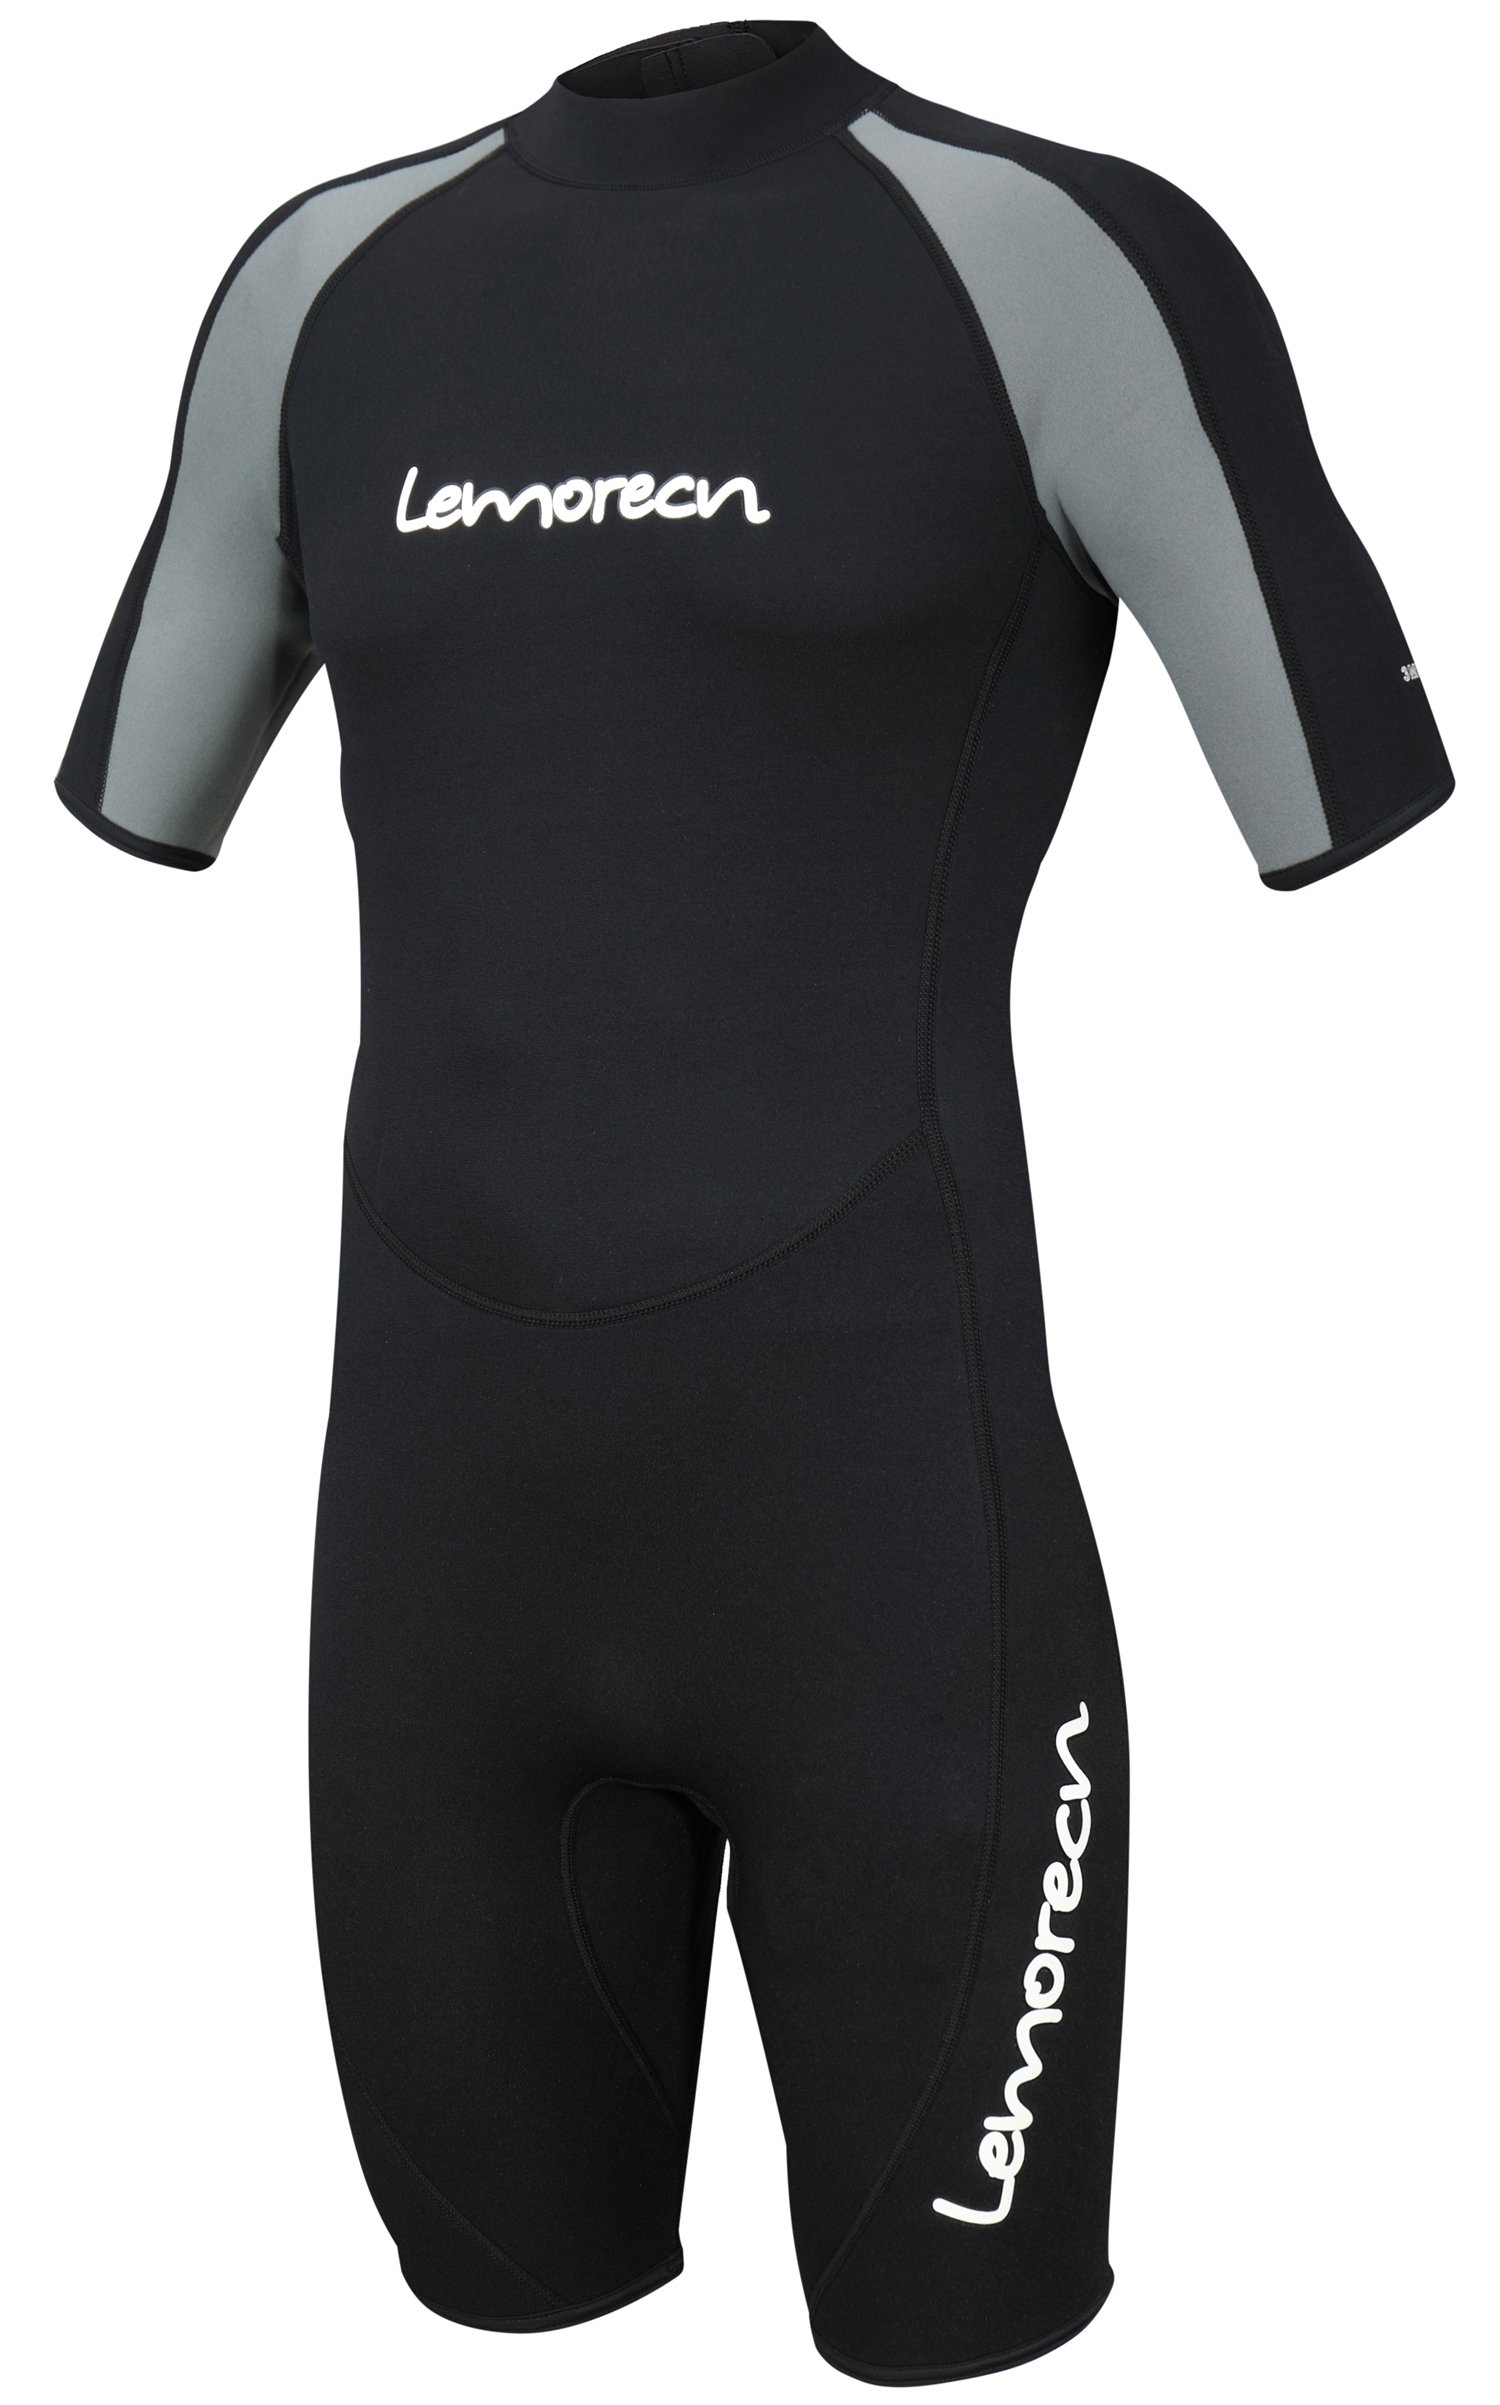 Lemorecn Wetsuits Mens Premium Neoprene Diving Suit 3mm Shorty Jumpsuit(3035blackgrey,L)